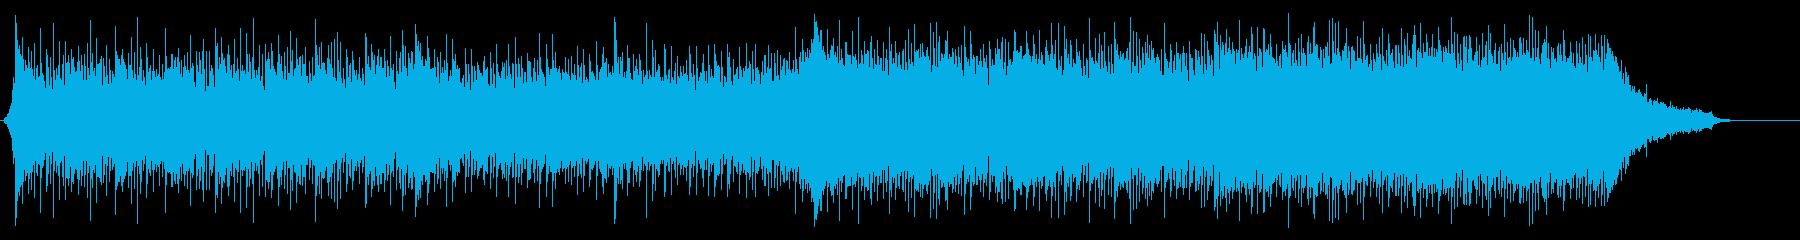 重厚でスピード感のあるシネマティック曲の再生済みの波形